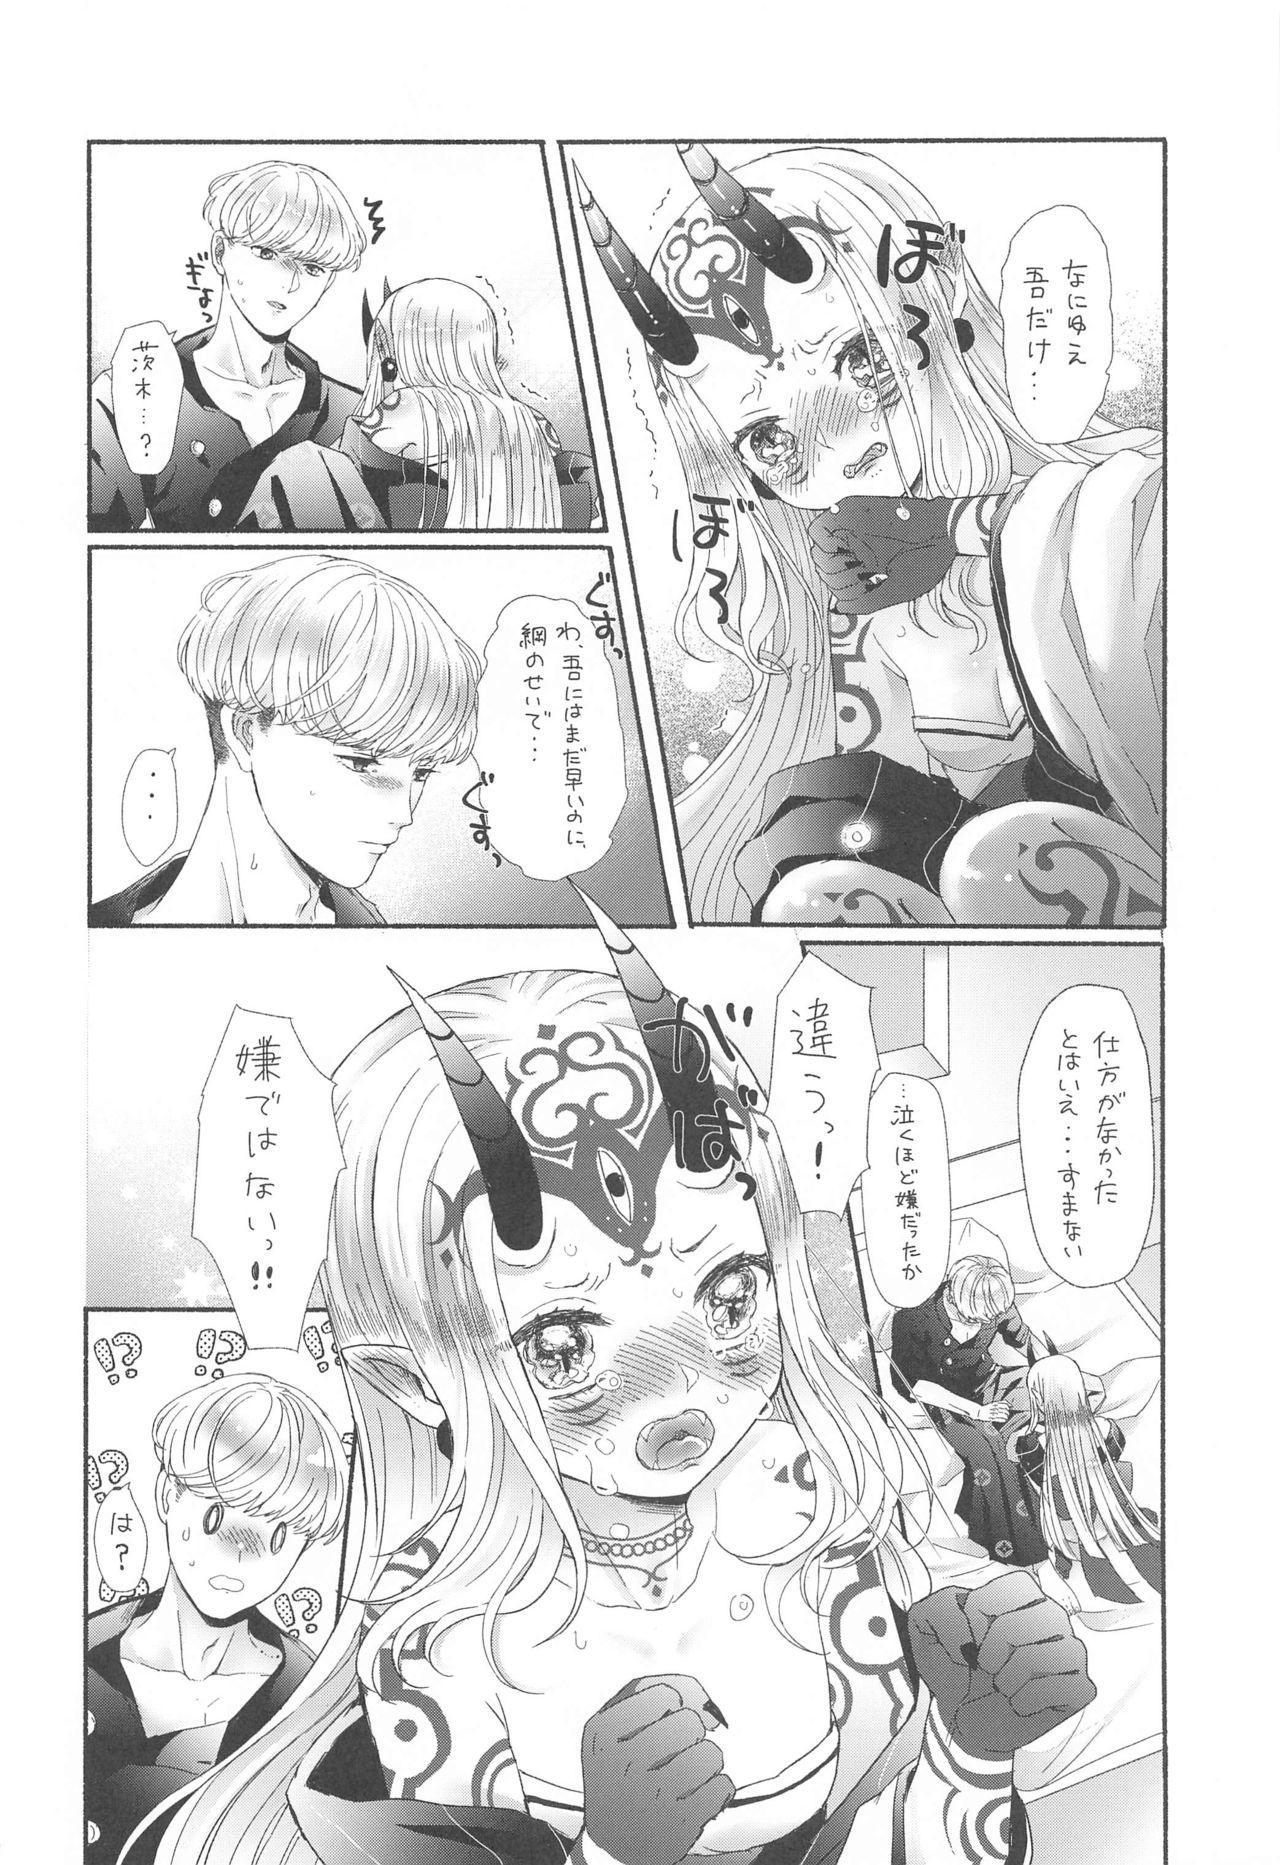 [No no Uchi (Nohito)] Hoshigari-san no Ofutari-san (Fate/Grand Order) 22